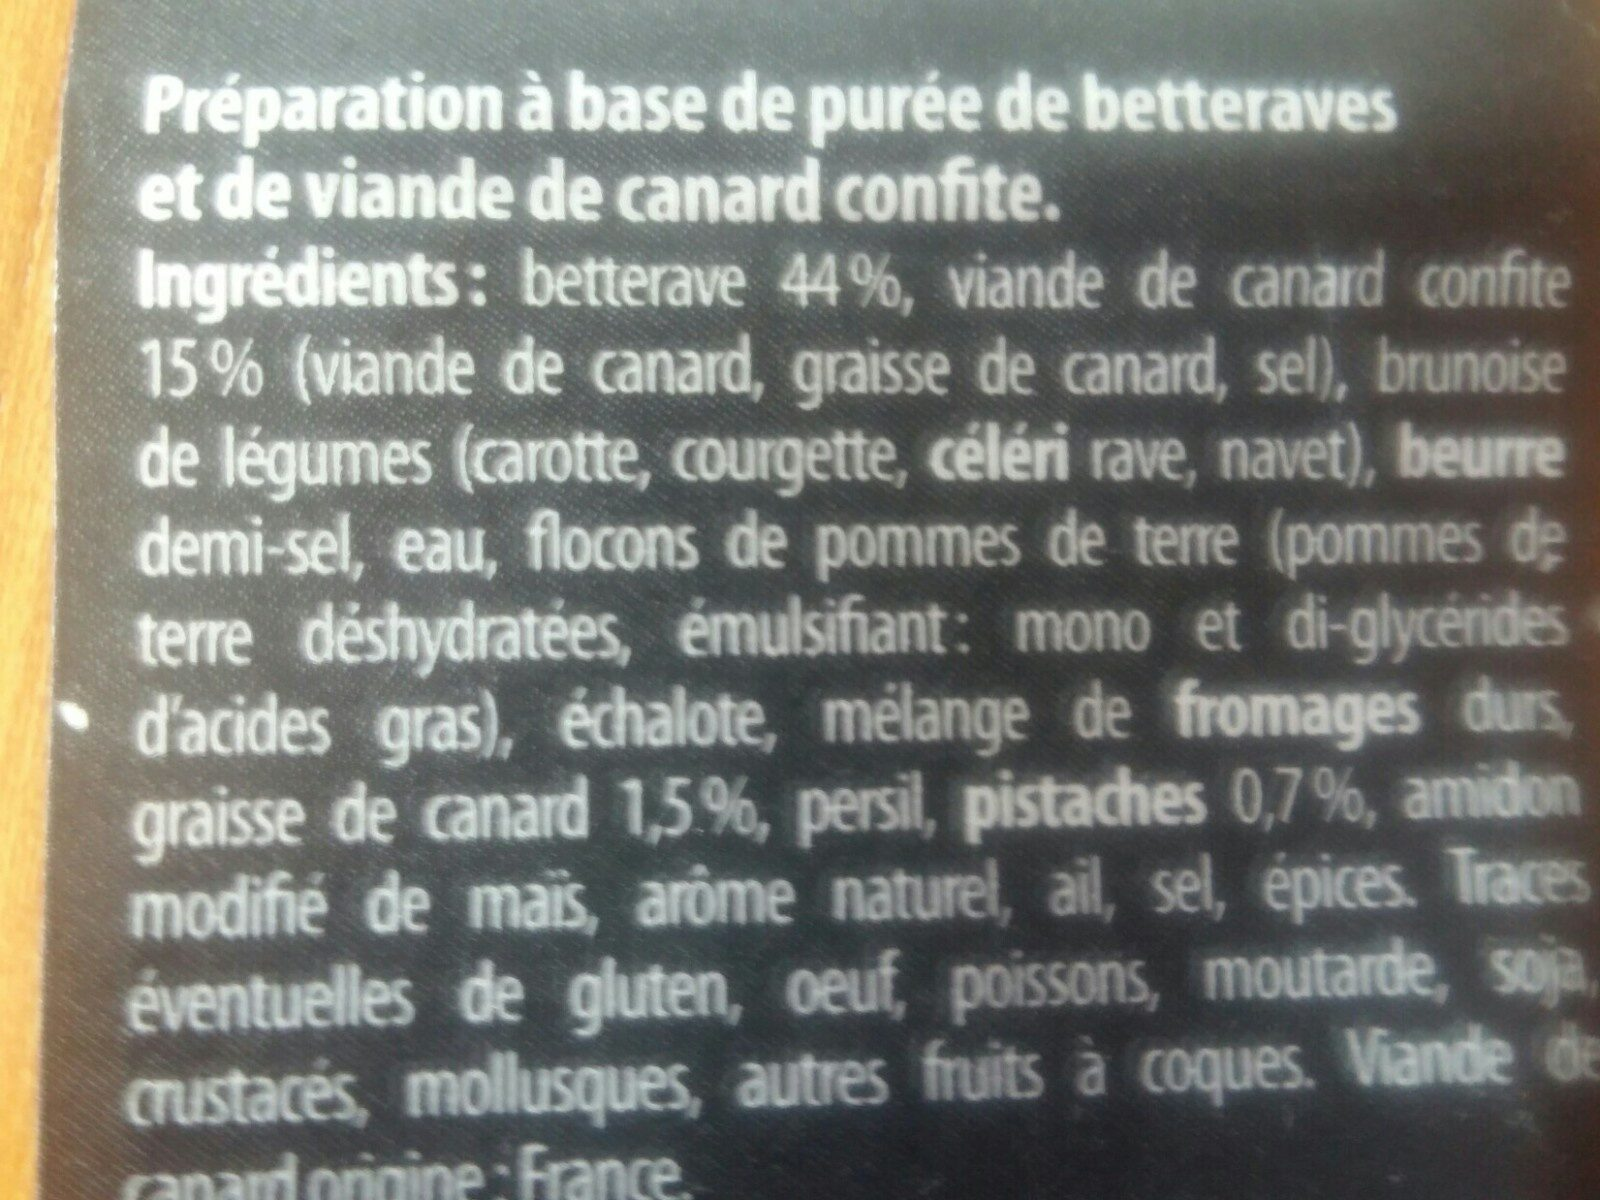 Effiloché de canard purée de betteraves et pistaches concassées - Ingrédients